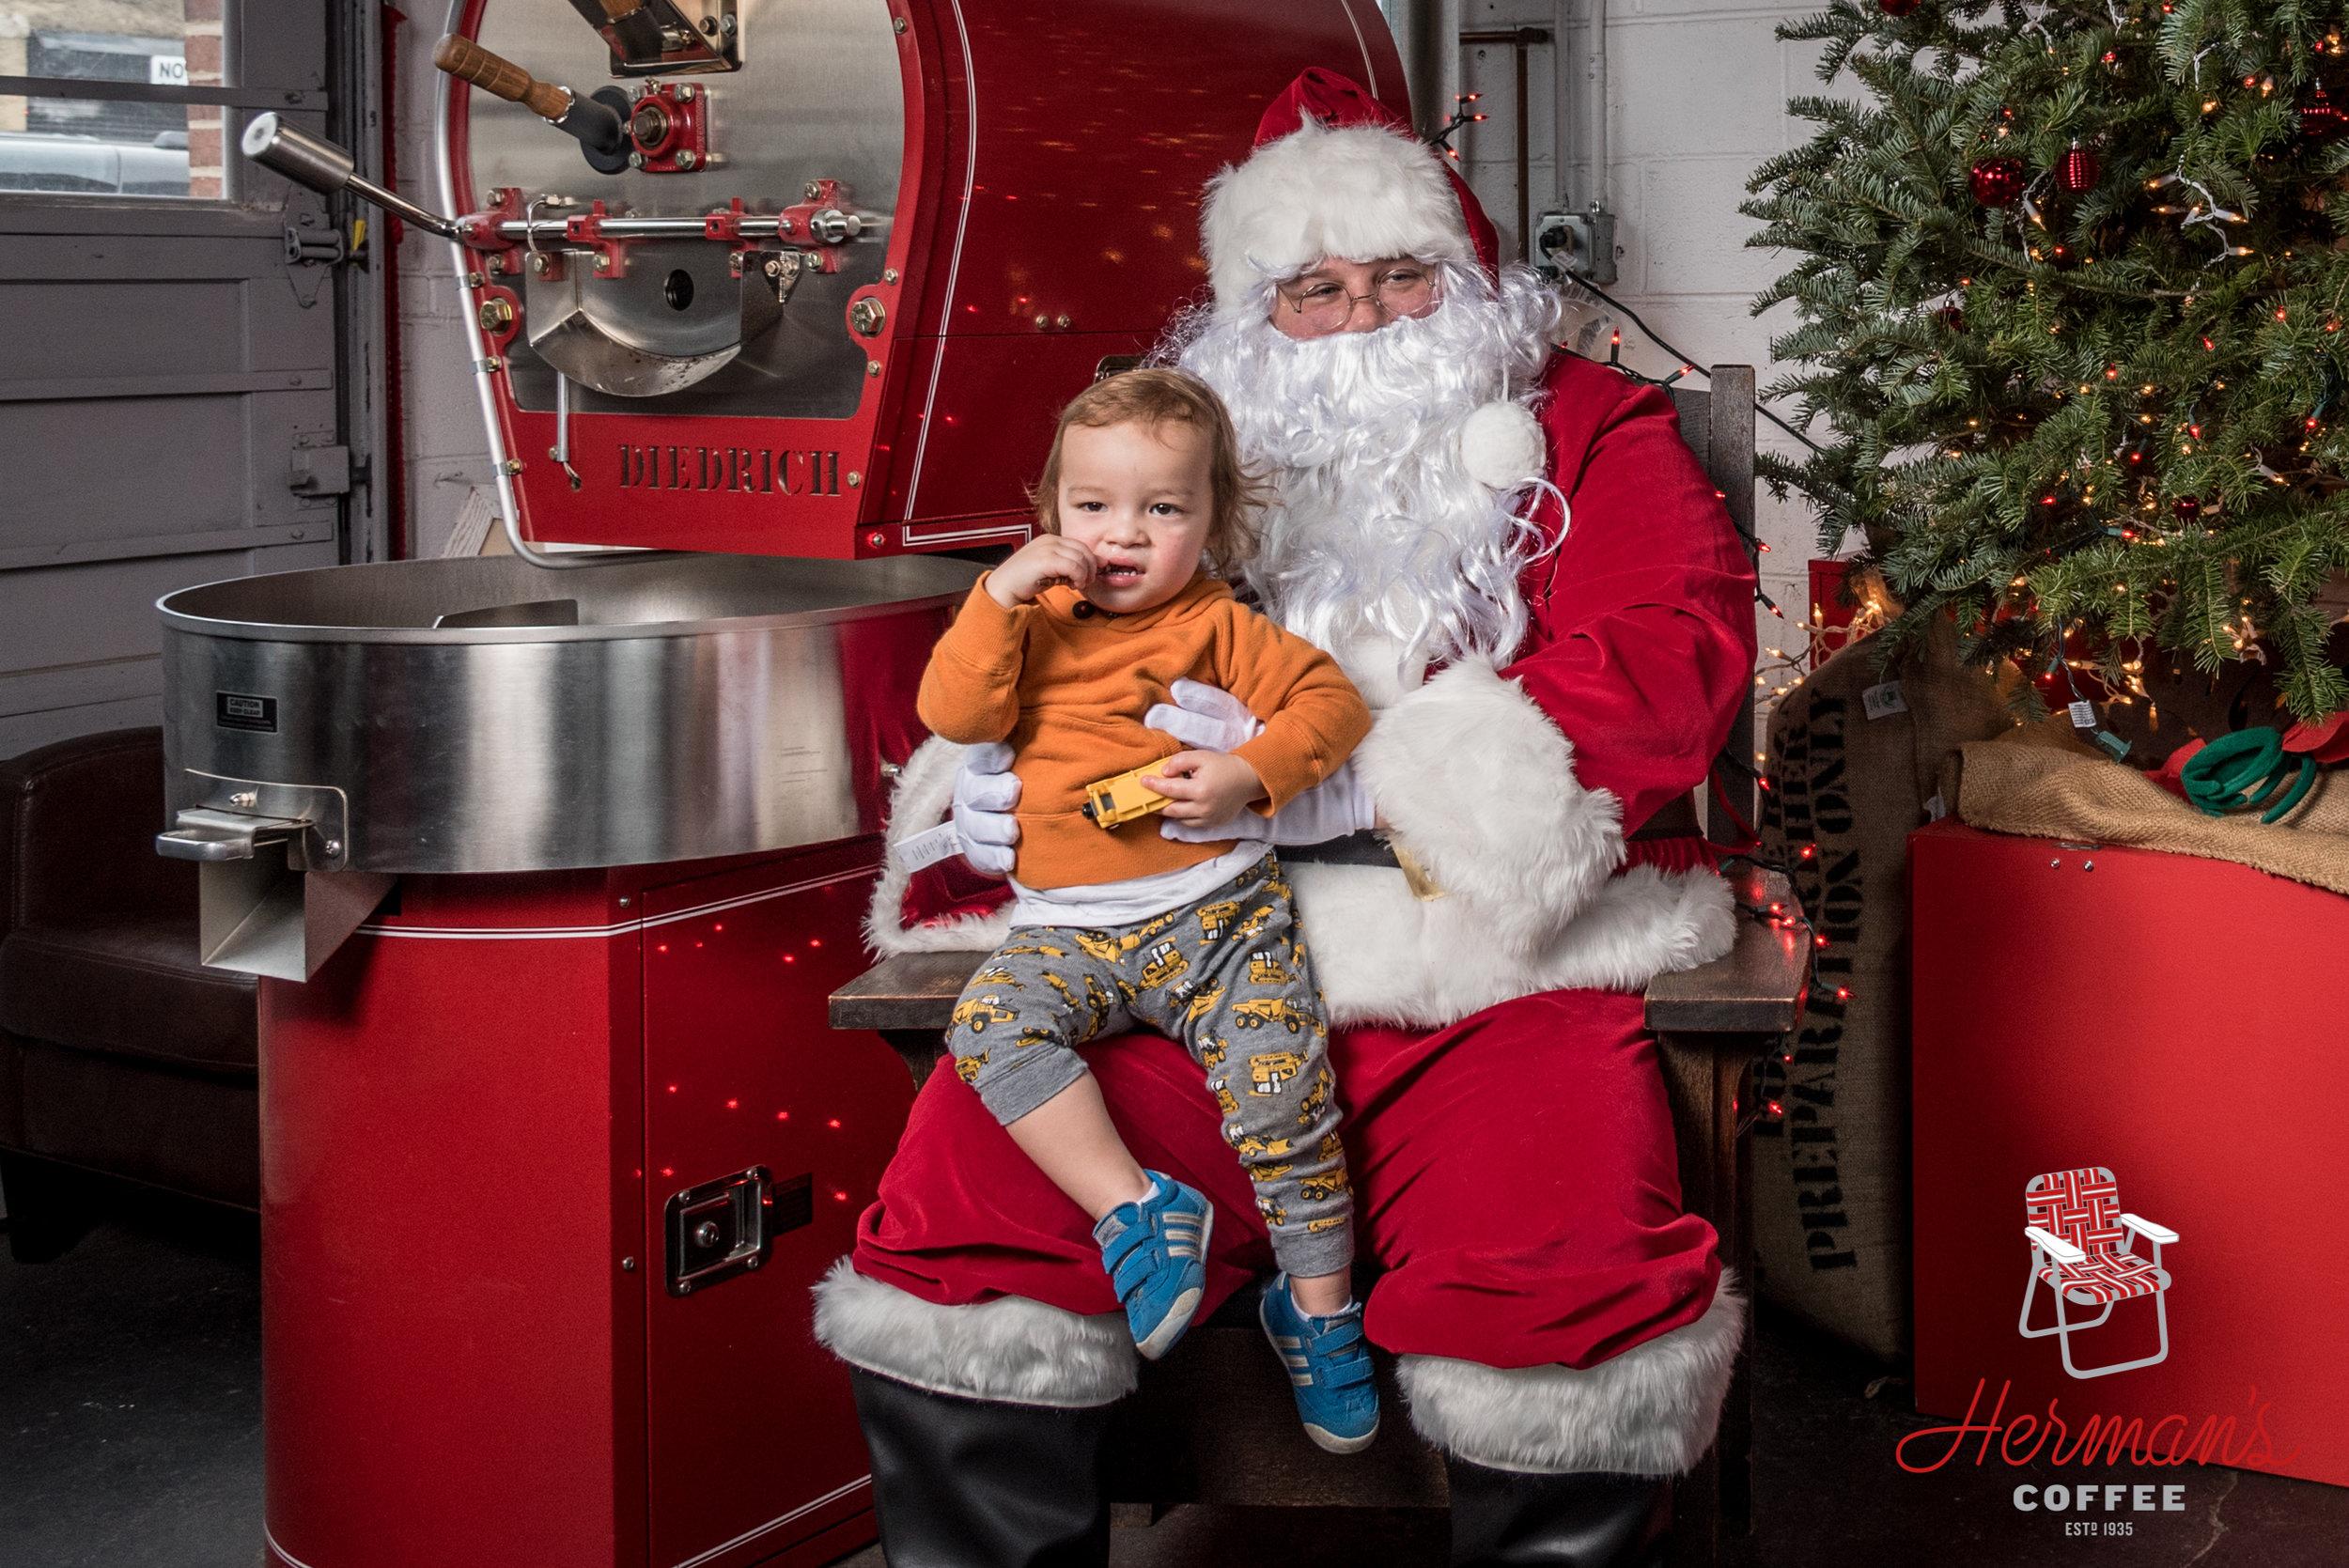 HermansCafe_Santa2018-9.jpg